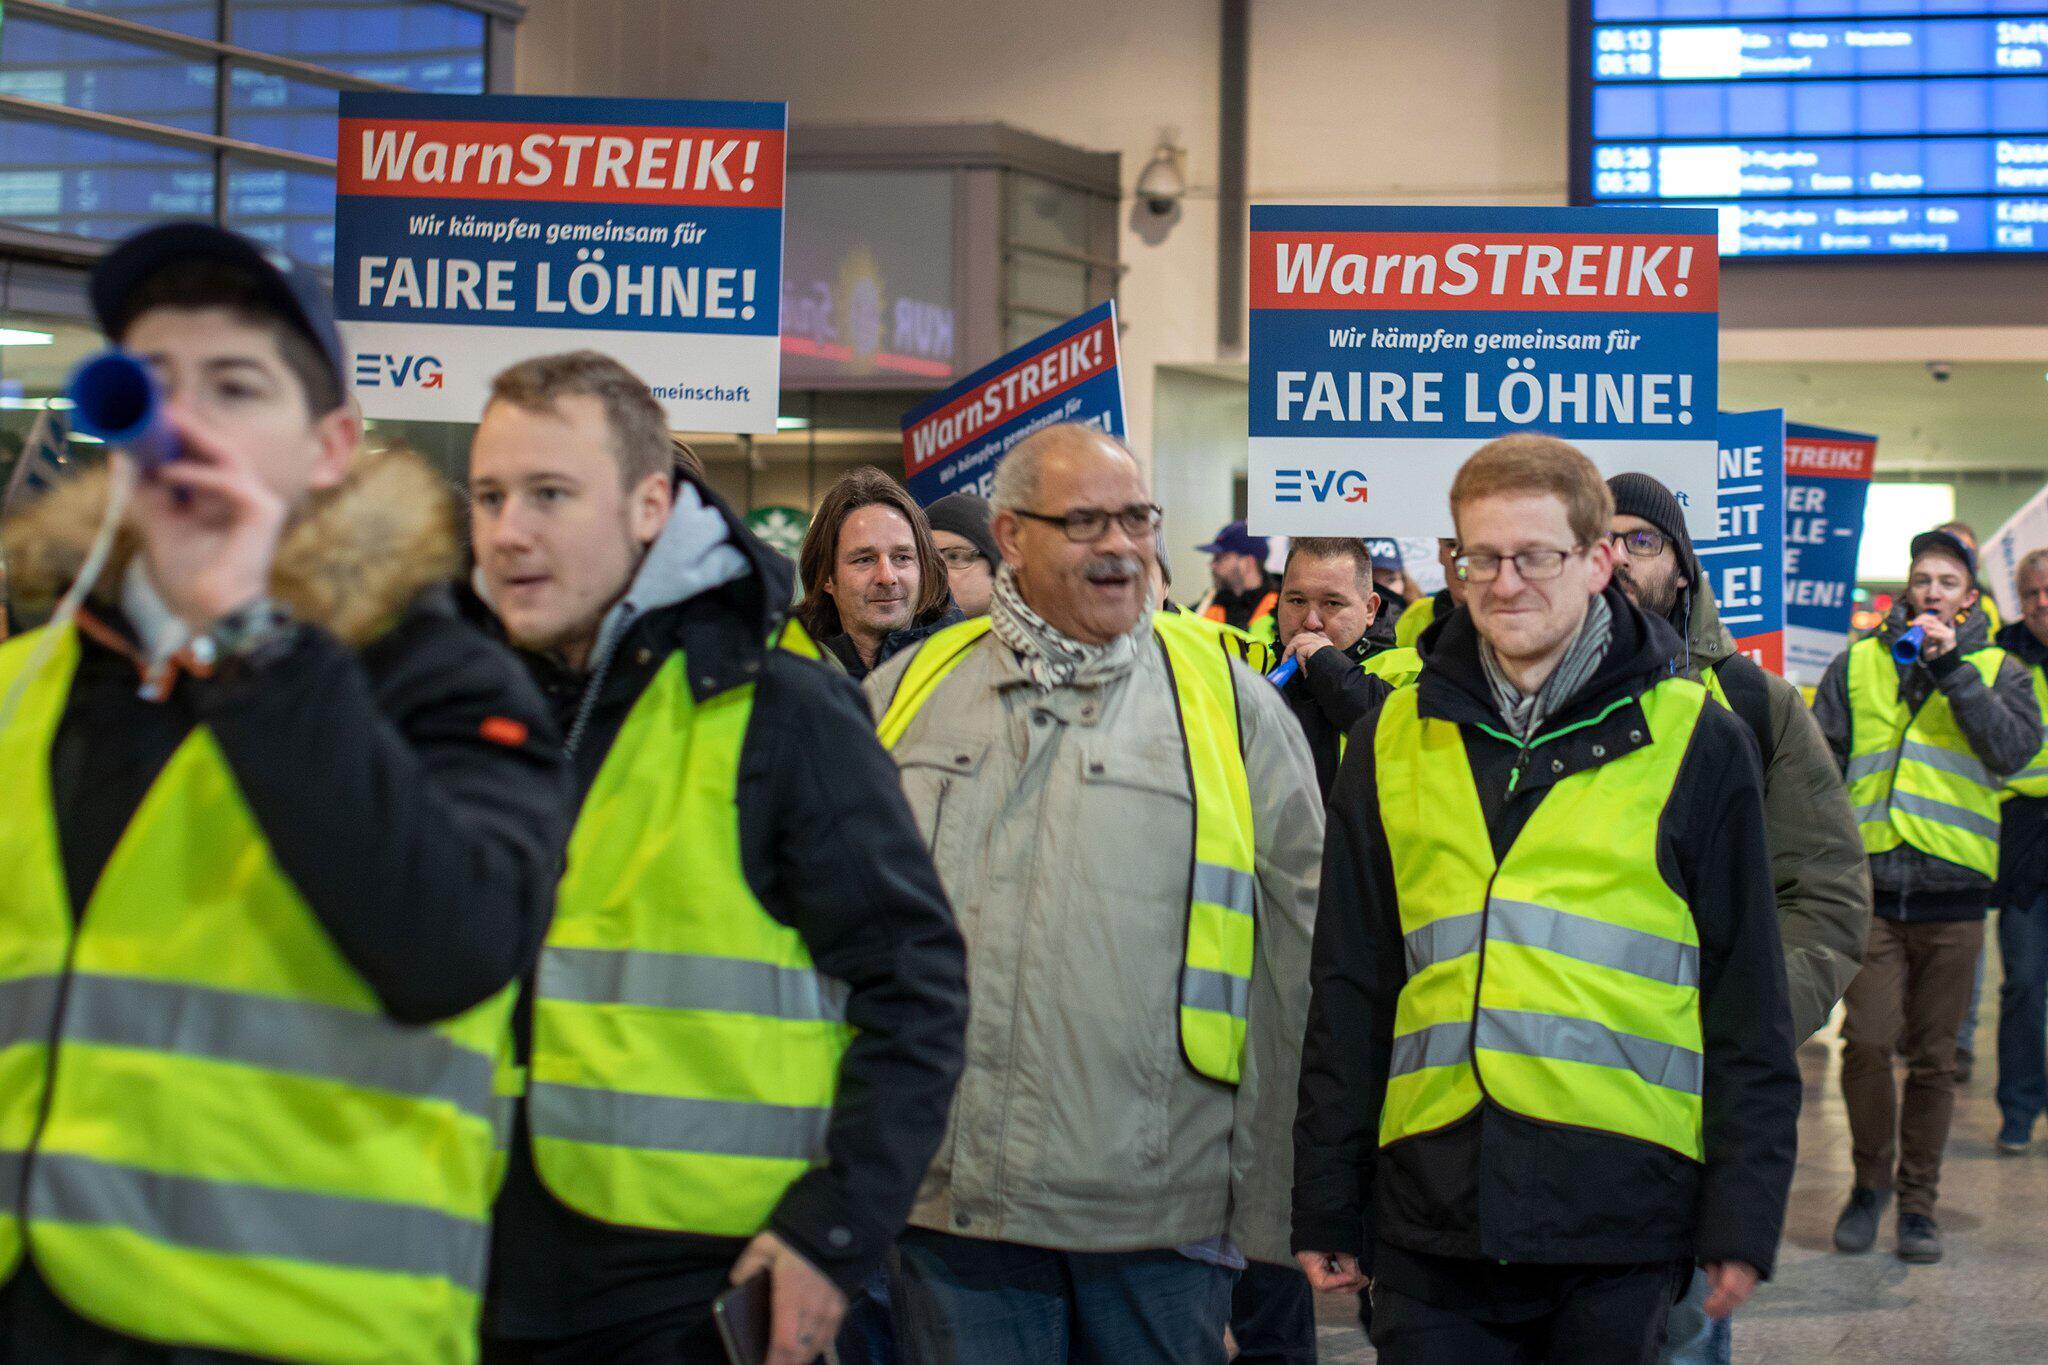 Streik Deutsche Bahn